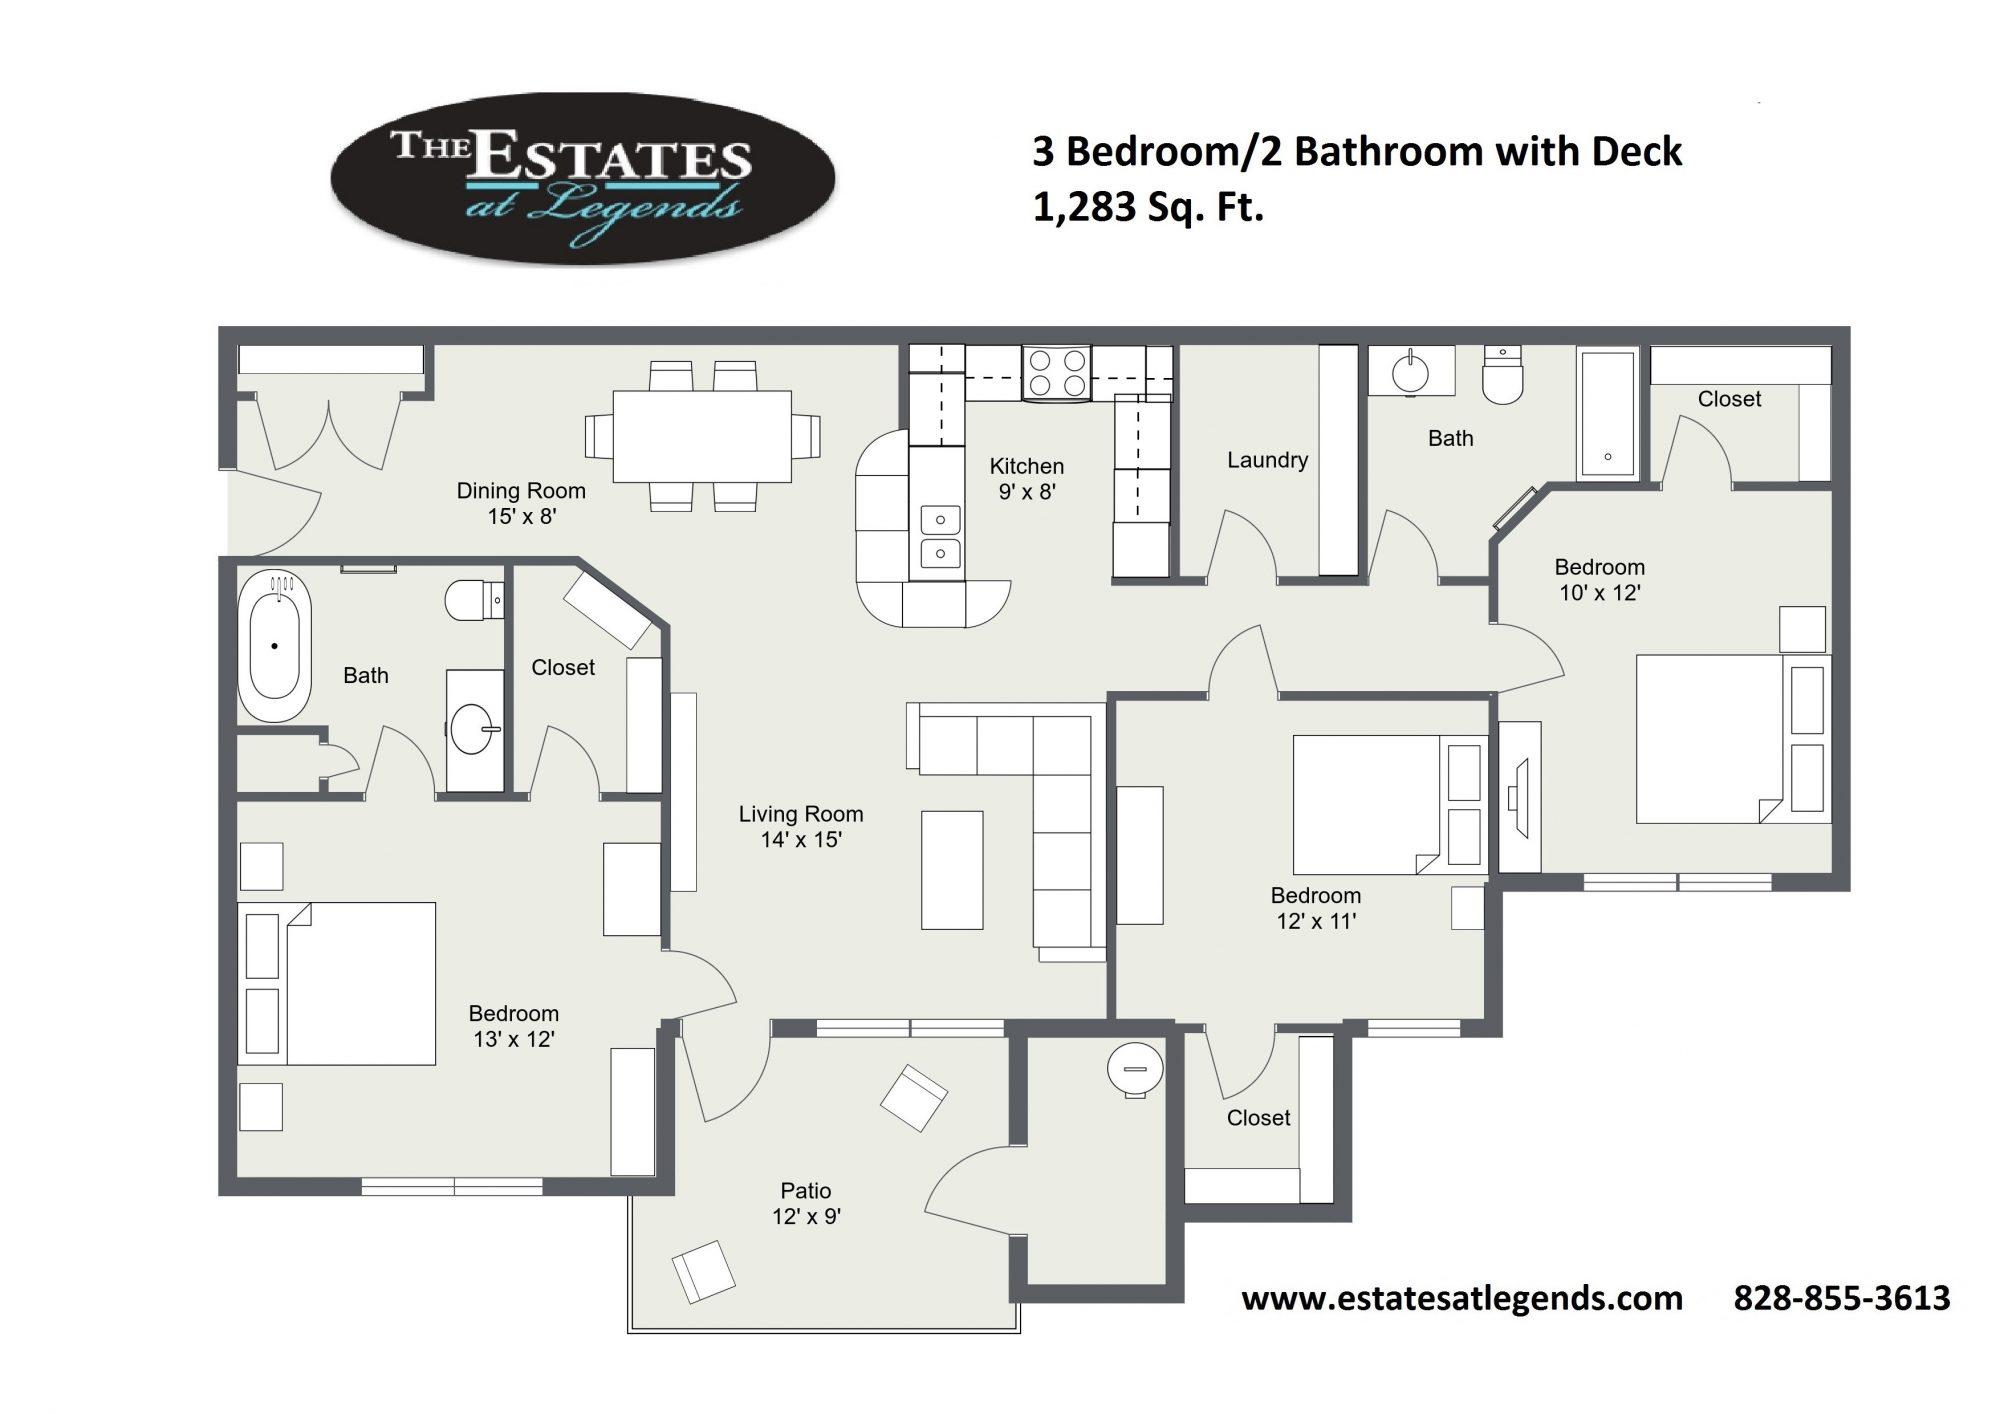 2d - 3 Bedroom 3 Bathroom with Deck